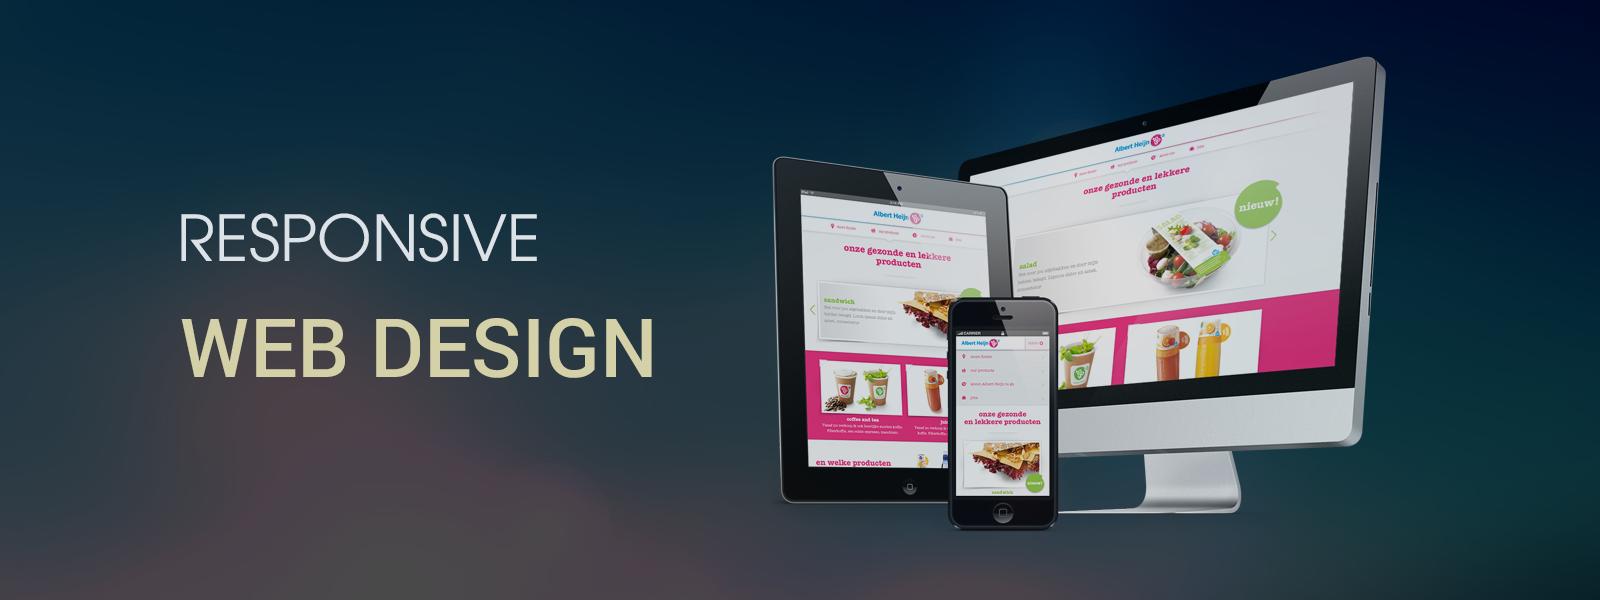 http://bmr.com.vn/wp-content/uploads/2017/11/webdesign.png